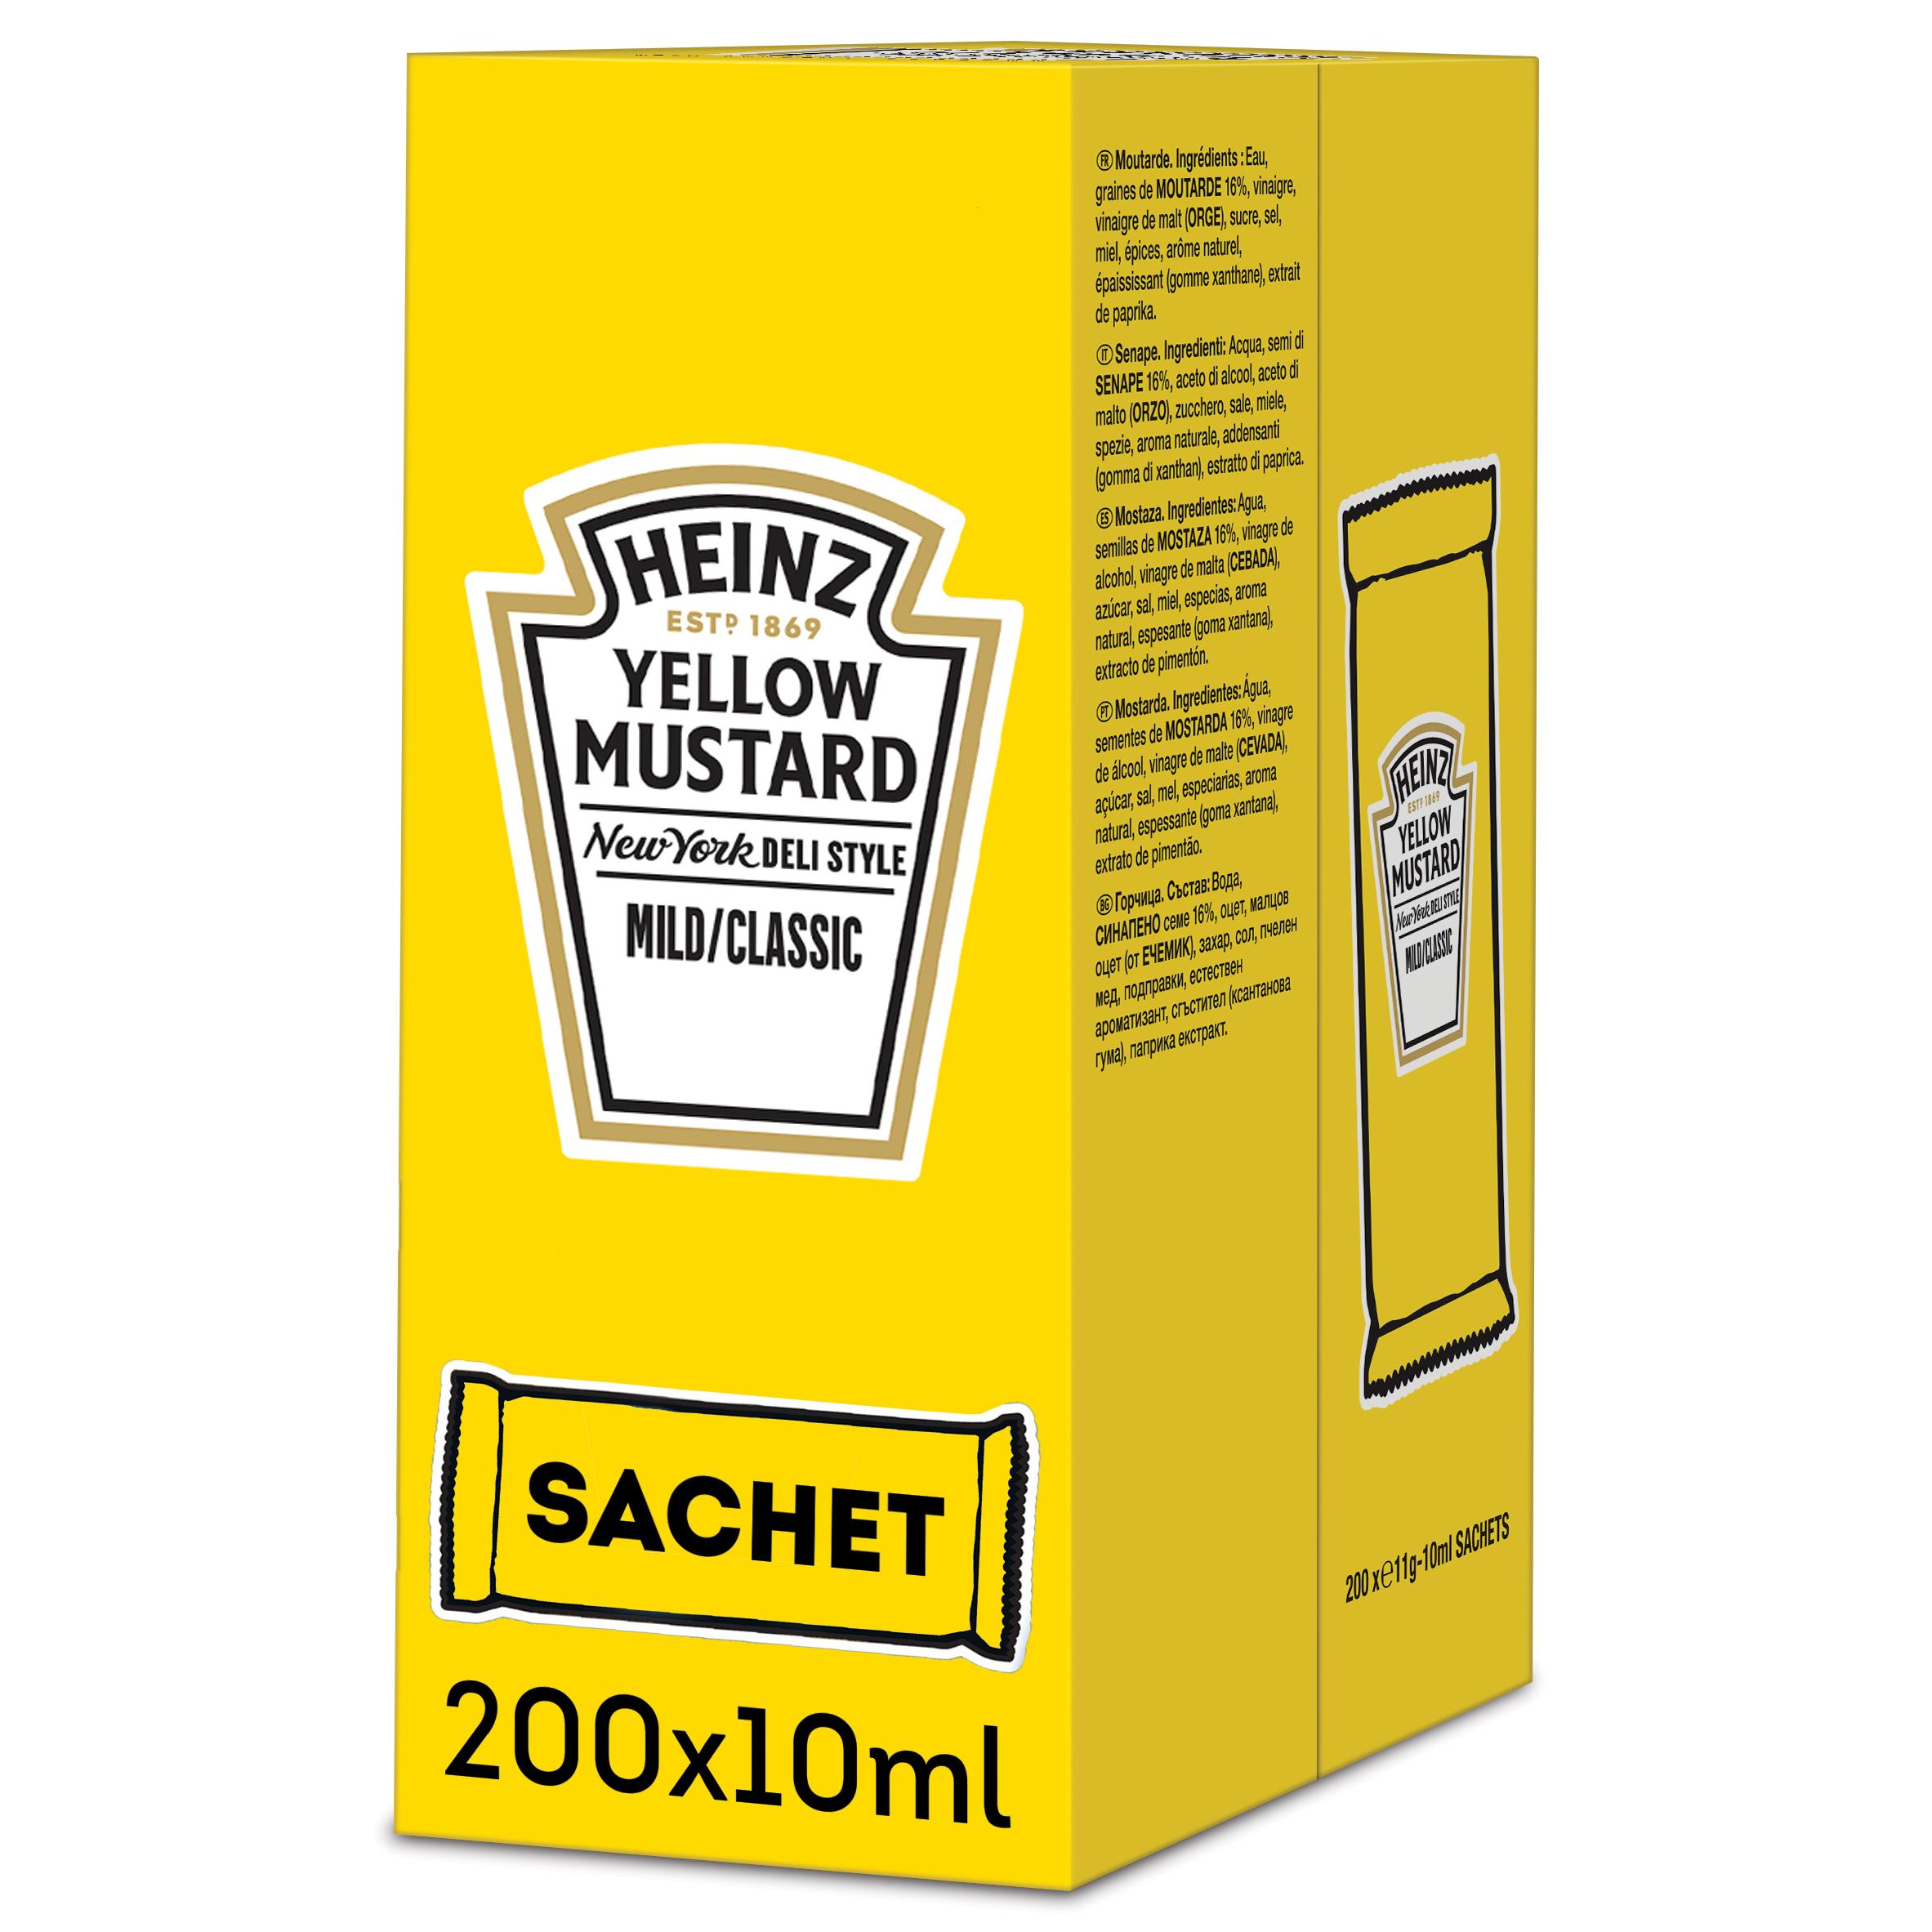 Heinz Yellow mustard 10ml Sachet